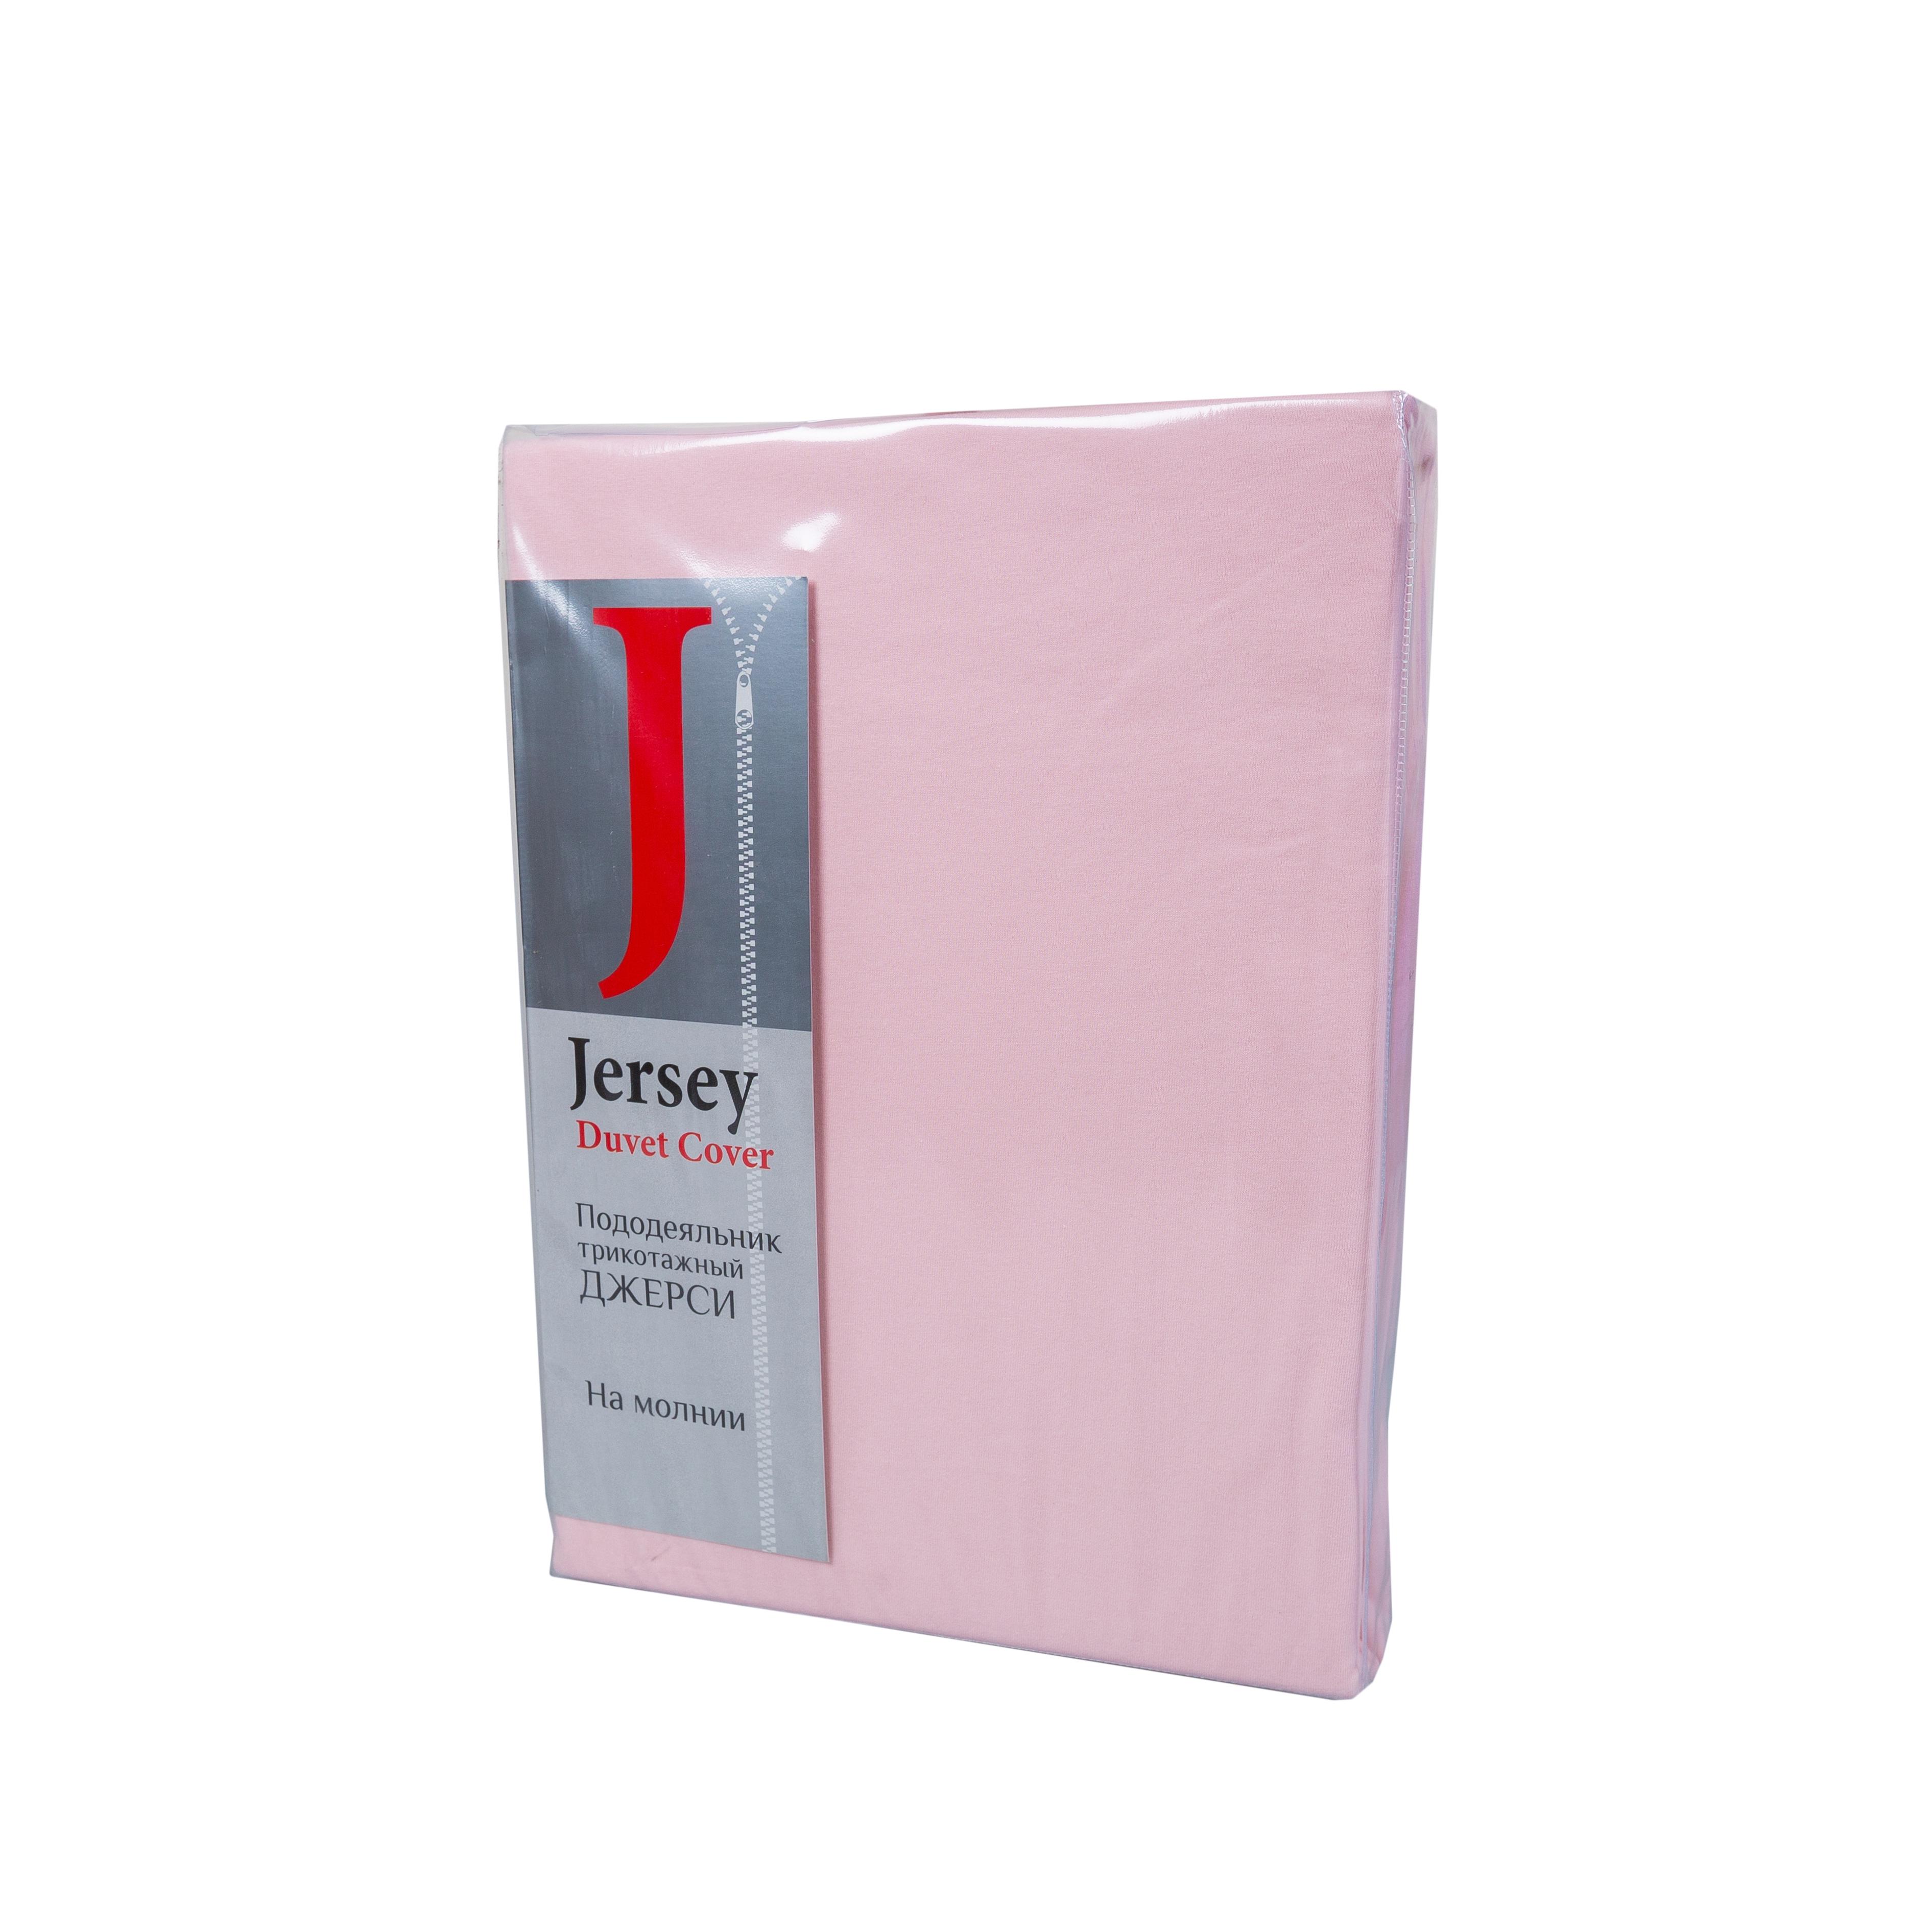 Пододеяльник трикотажный на молнии Oltex Jersey 110х140 №2033 Бледно-розовый<br>